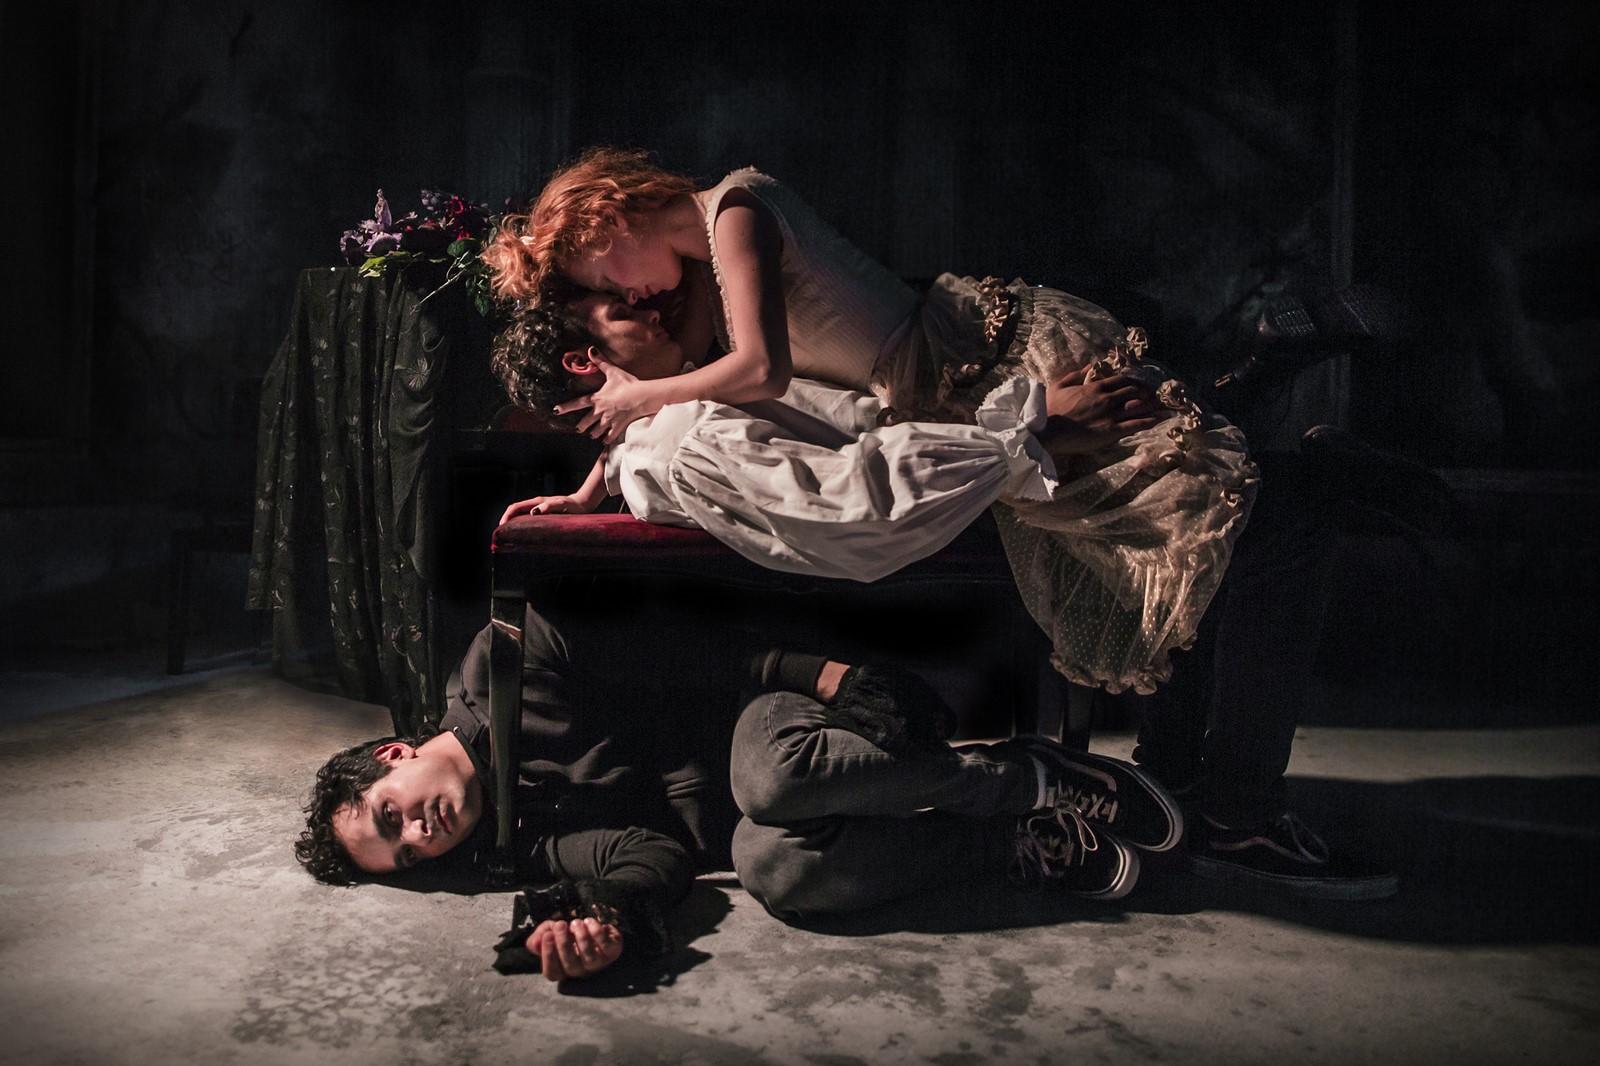 Anmeldelse: denungewertherslidelser, Aarhus Teater (Aarhus Teater og Sort/Hvid)